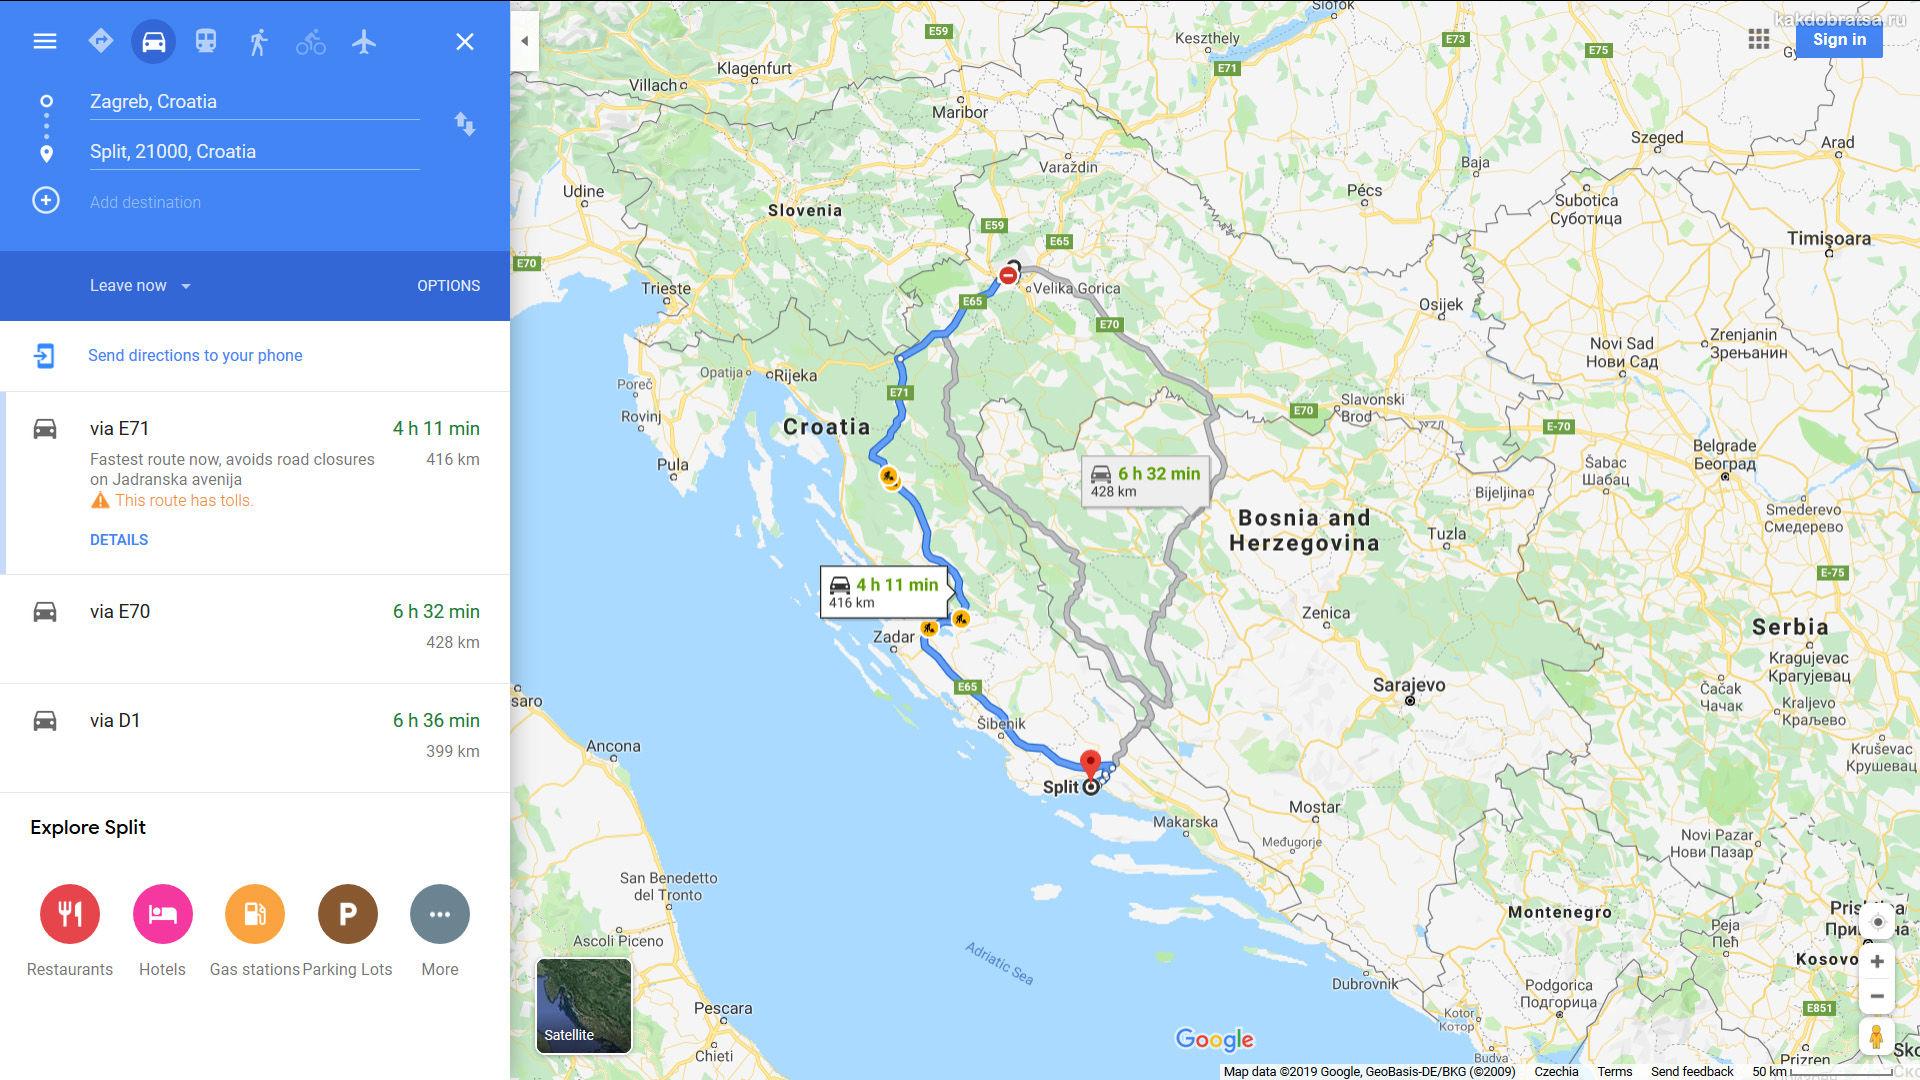 Как добраться из Загреба в Сплит карта время в пути